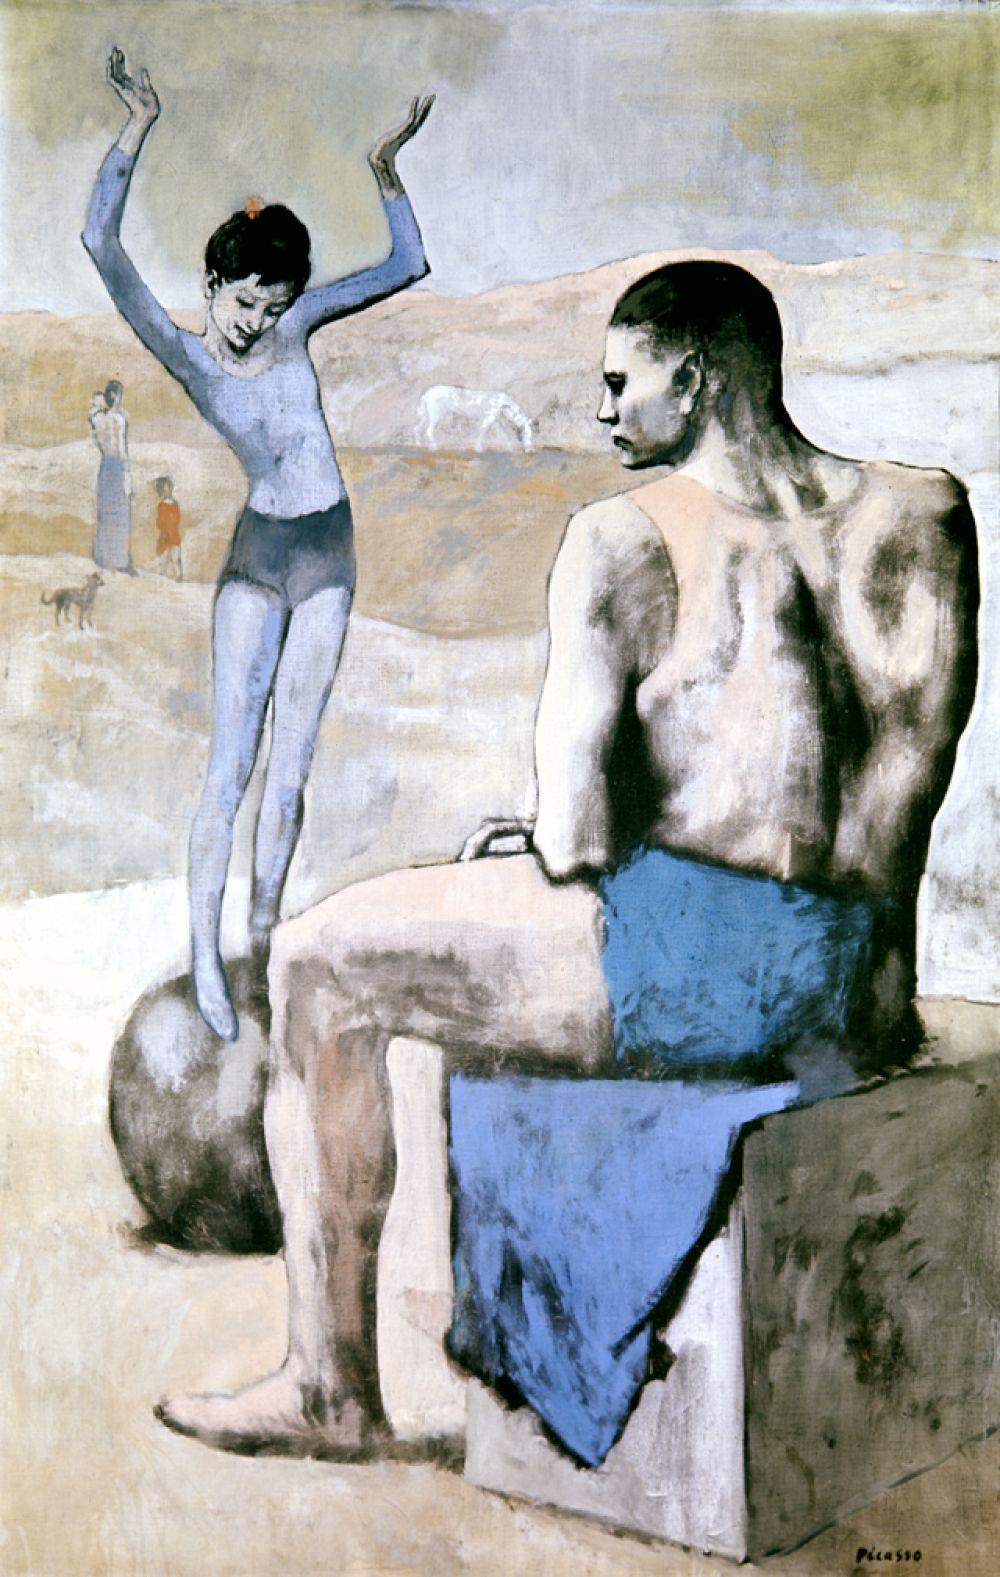 В 1904 году Пикассо поселился в Париже, где нашел пристанище в знаменитом монмартрском общежитии для бедных художников Бато-Лавуар: начинается так называемый «розовый период», в котором печаль и нищета «голубого периода» сменилась образами из более живого мира театра и цирка. «Девочка на шаре», 1905 год.